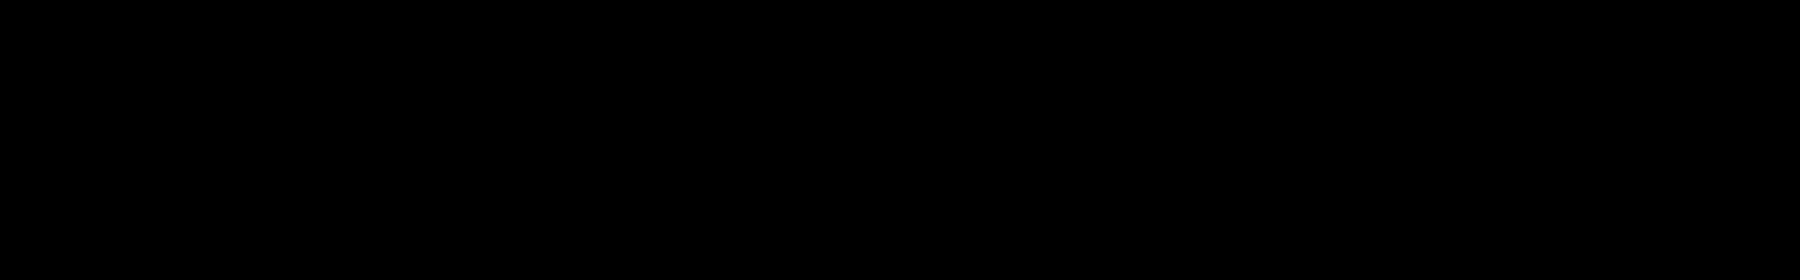 Sfx vol. 4 audio waveform